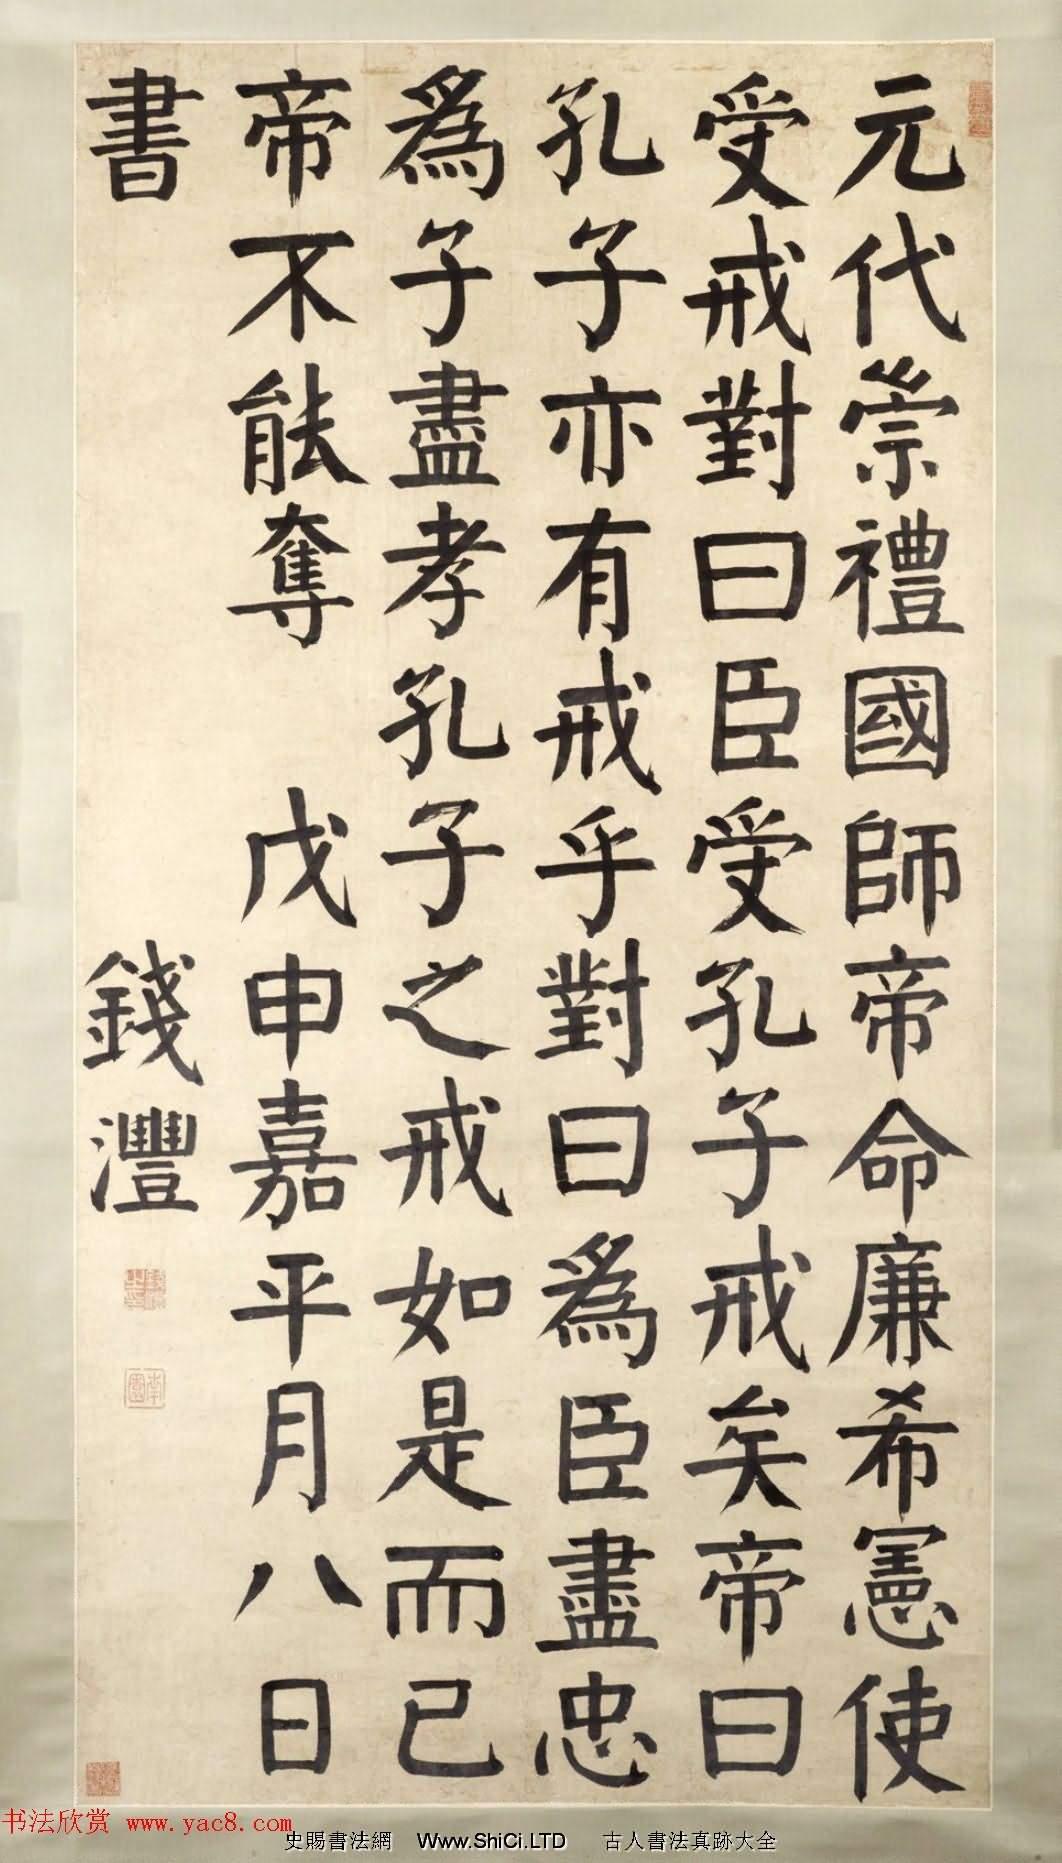 學顏第一人錢灃書法四幅(美國館藏)(共4張圖片)